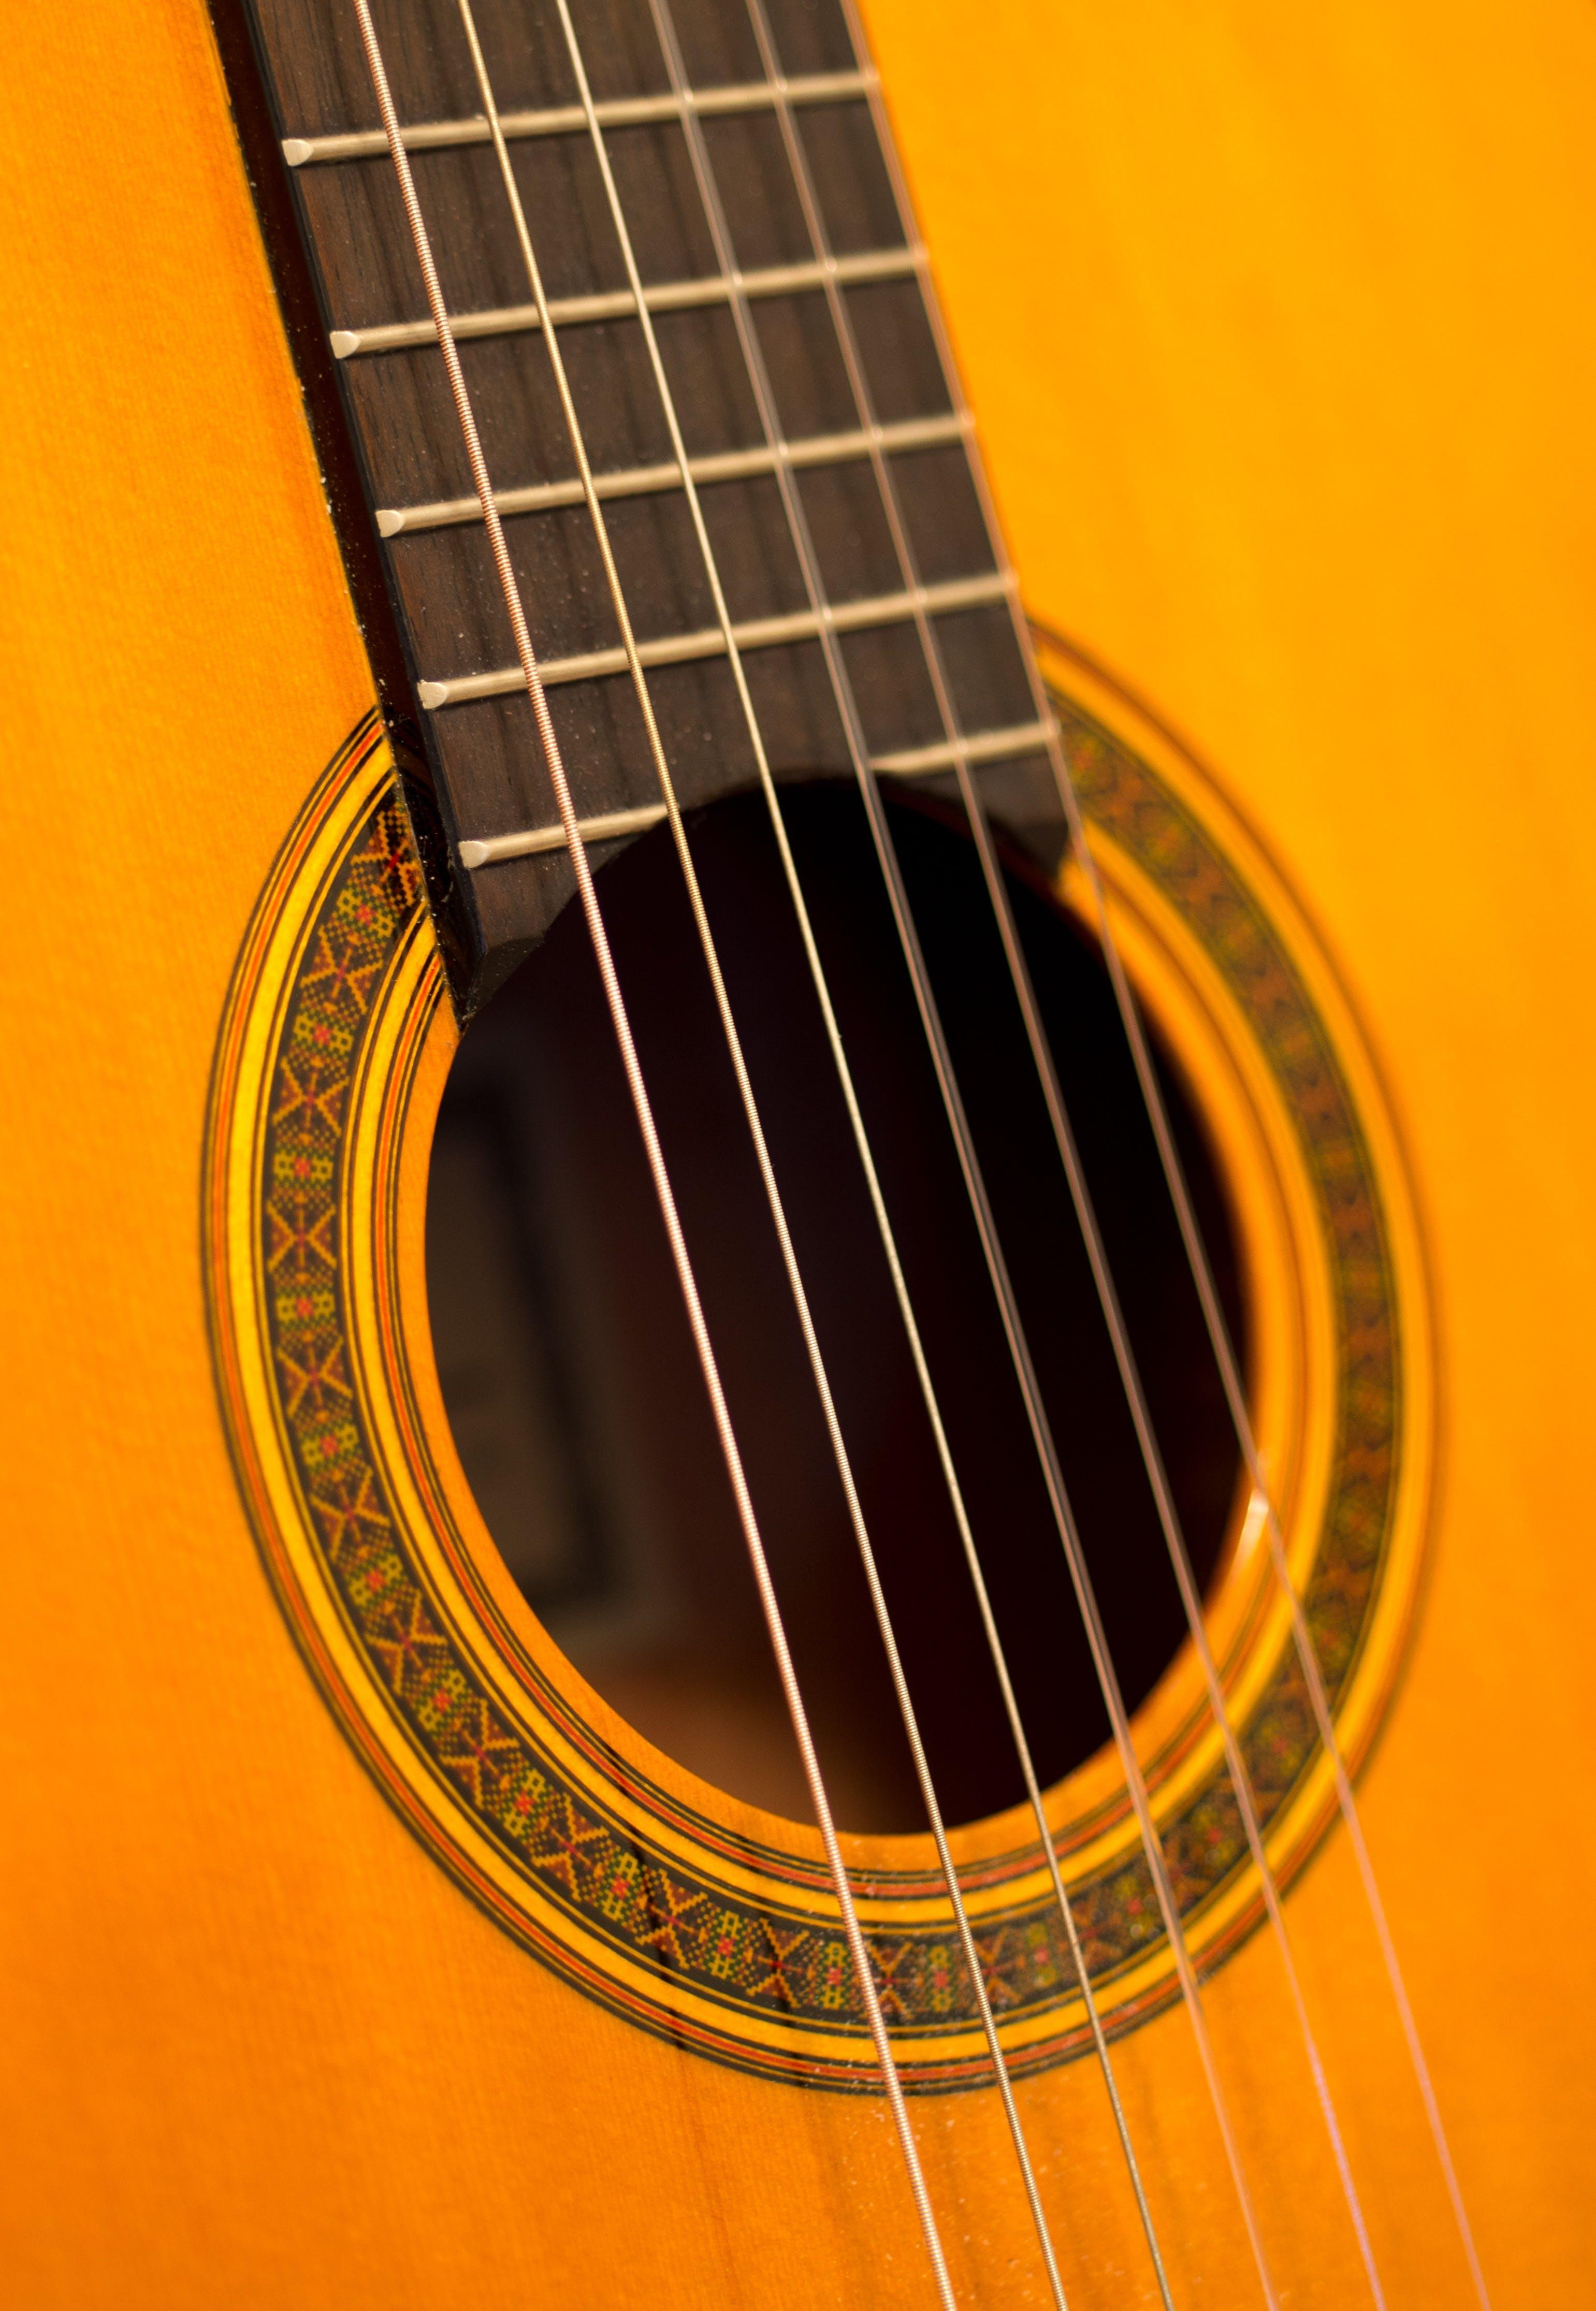 acoustic, acoustic guitar, bass